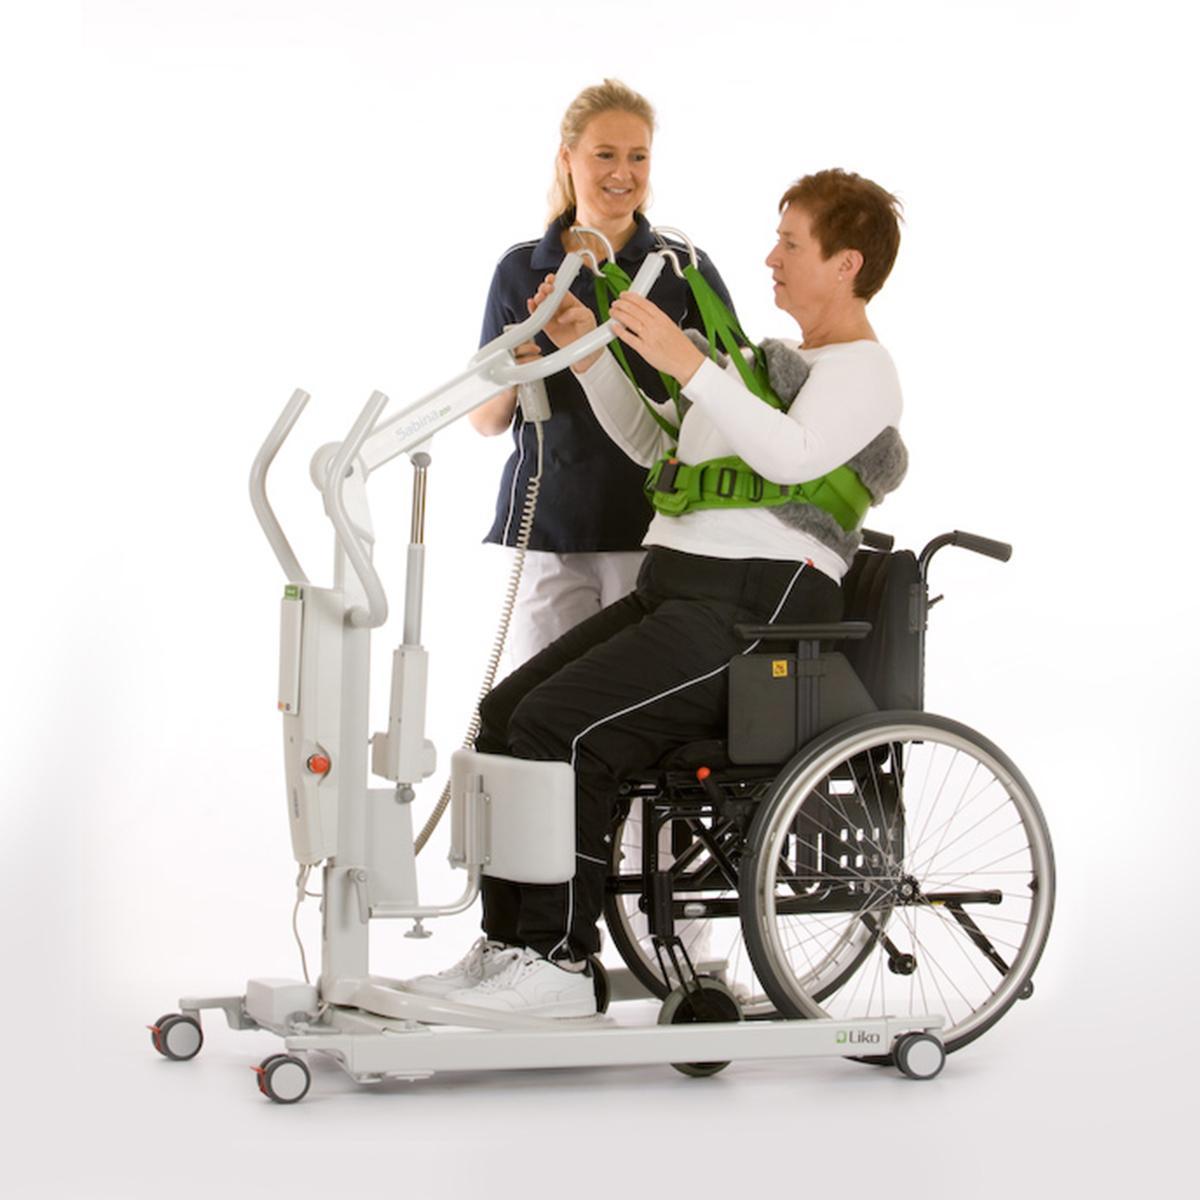 Un clinicien aide une patiente à se lever d'un fauteuil roulant à l'aide d'un dispositif d'aide au levage SupportVest.